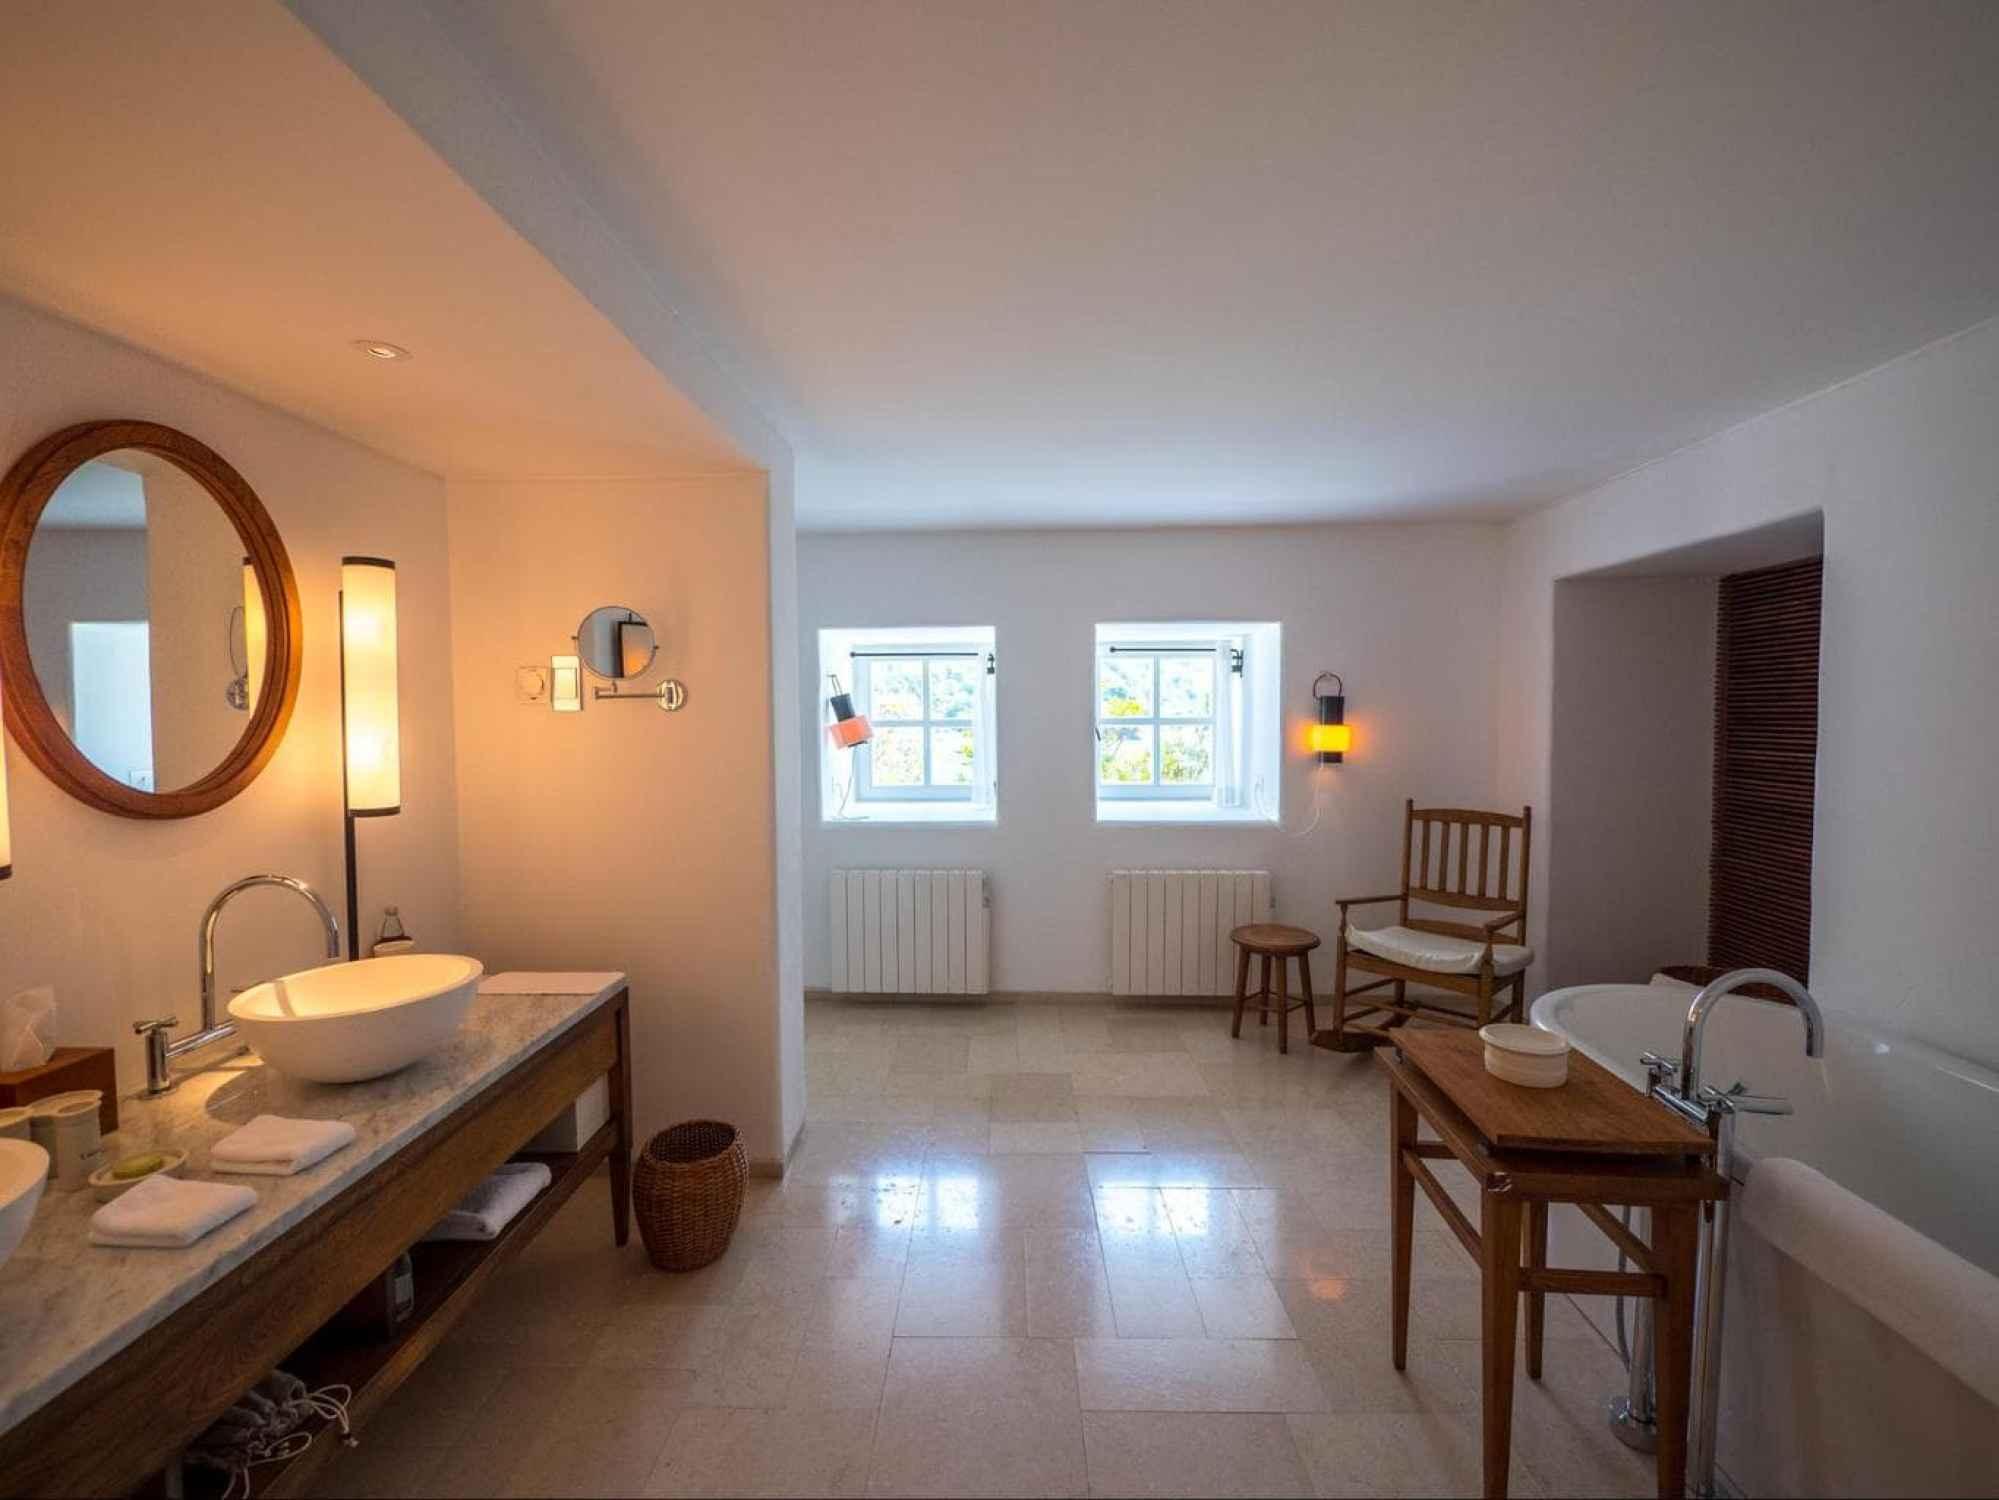 Cottage room bathrooms